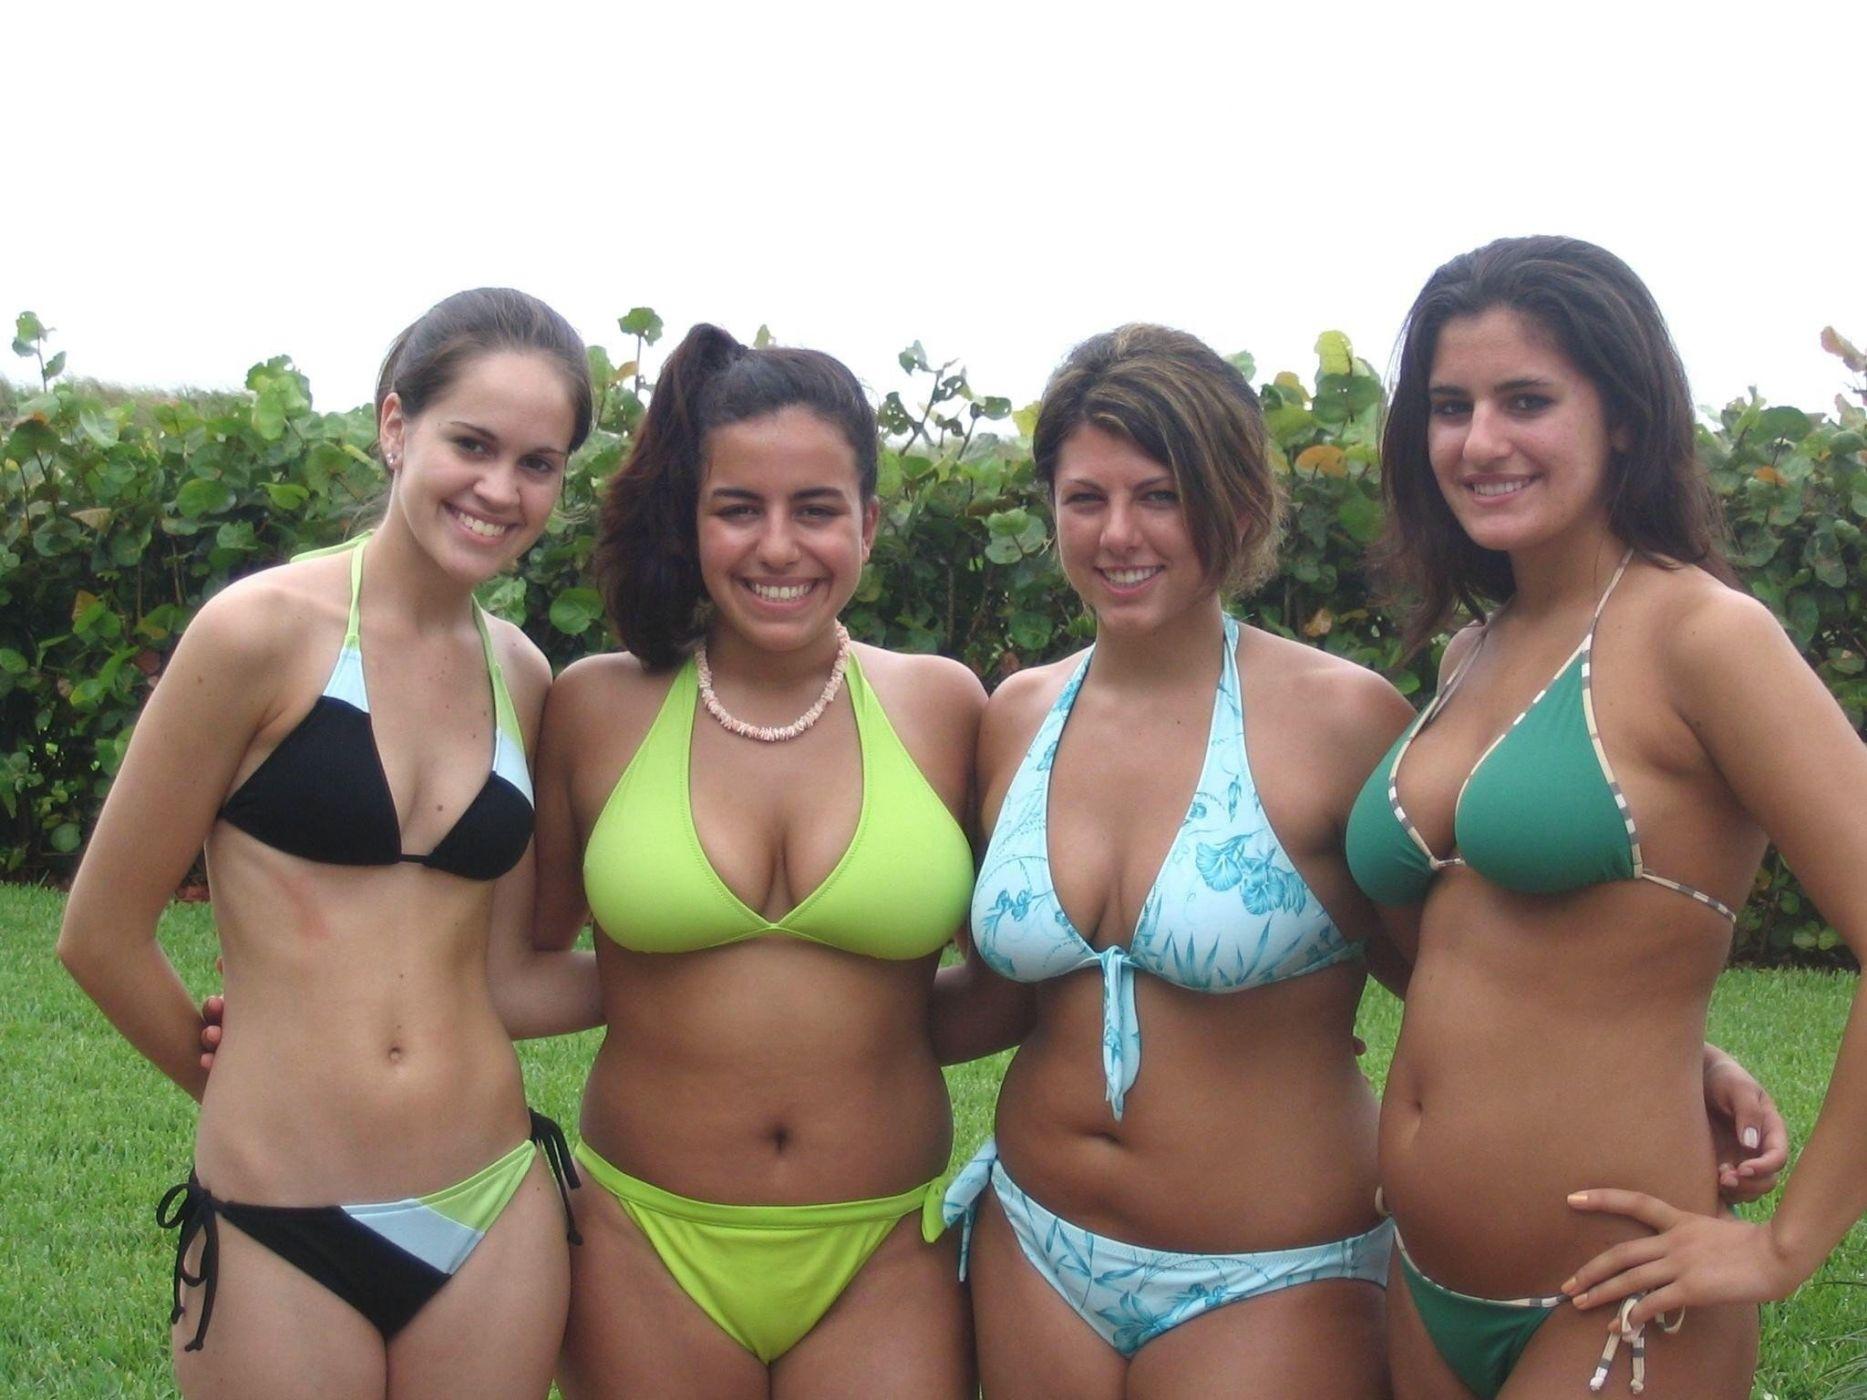 amatuer-bikini-pics